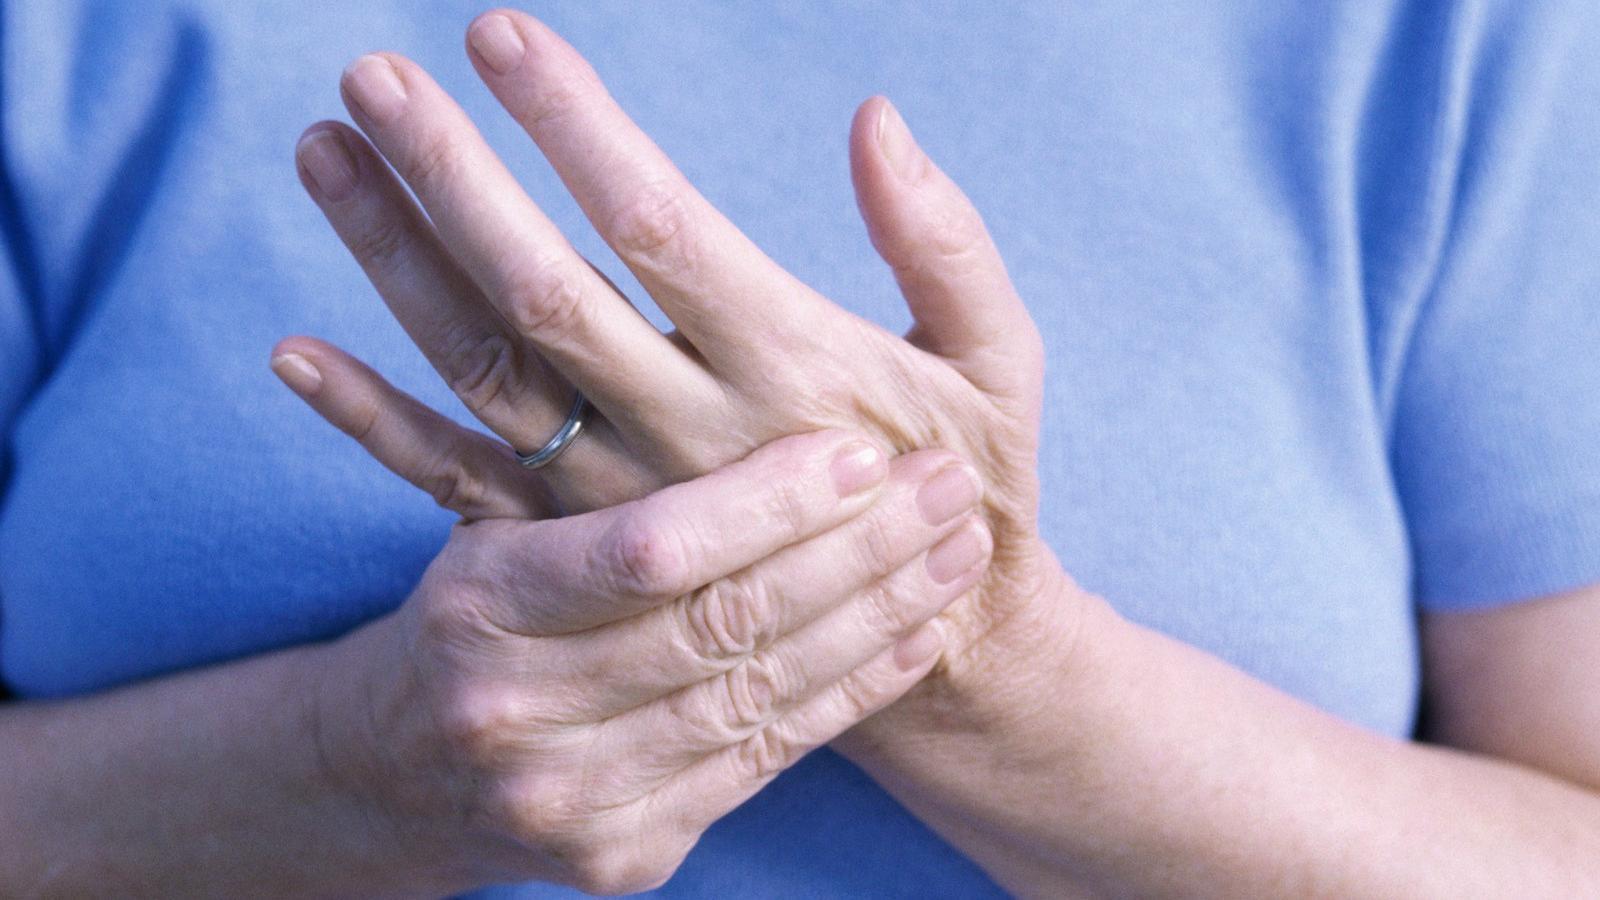 ujjízület károsodása sokk miatt